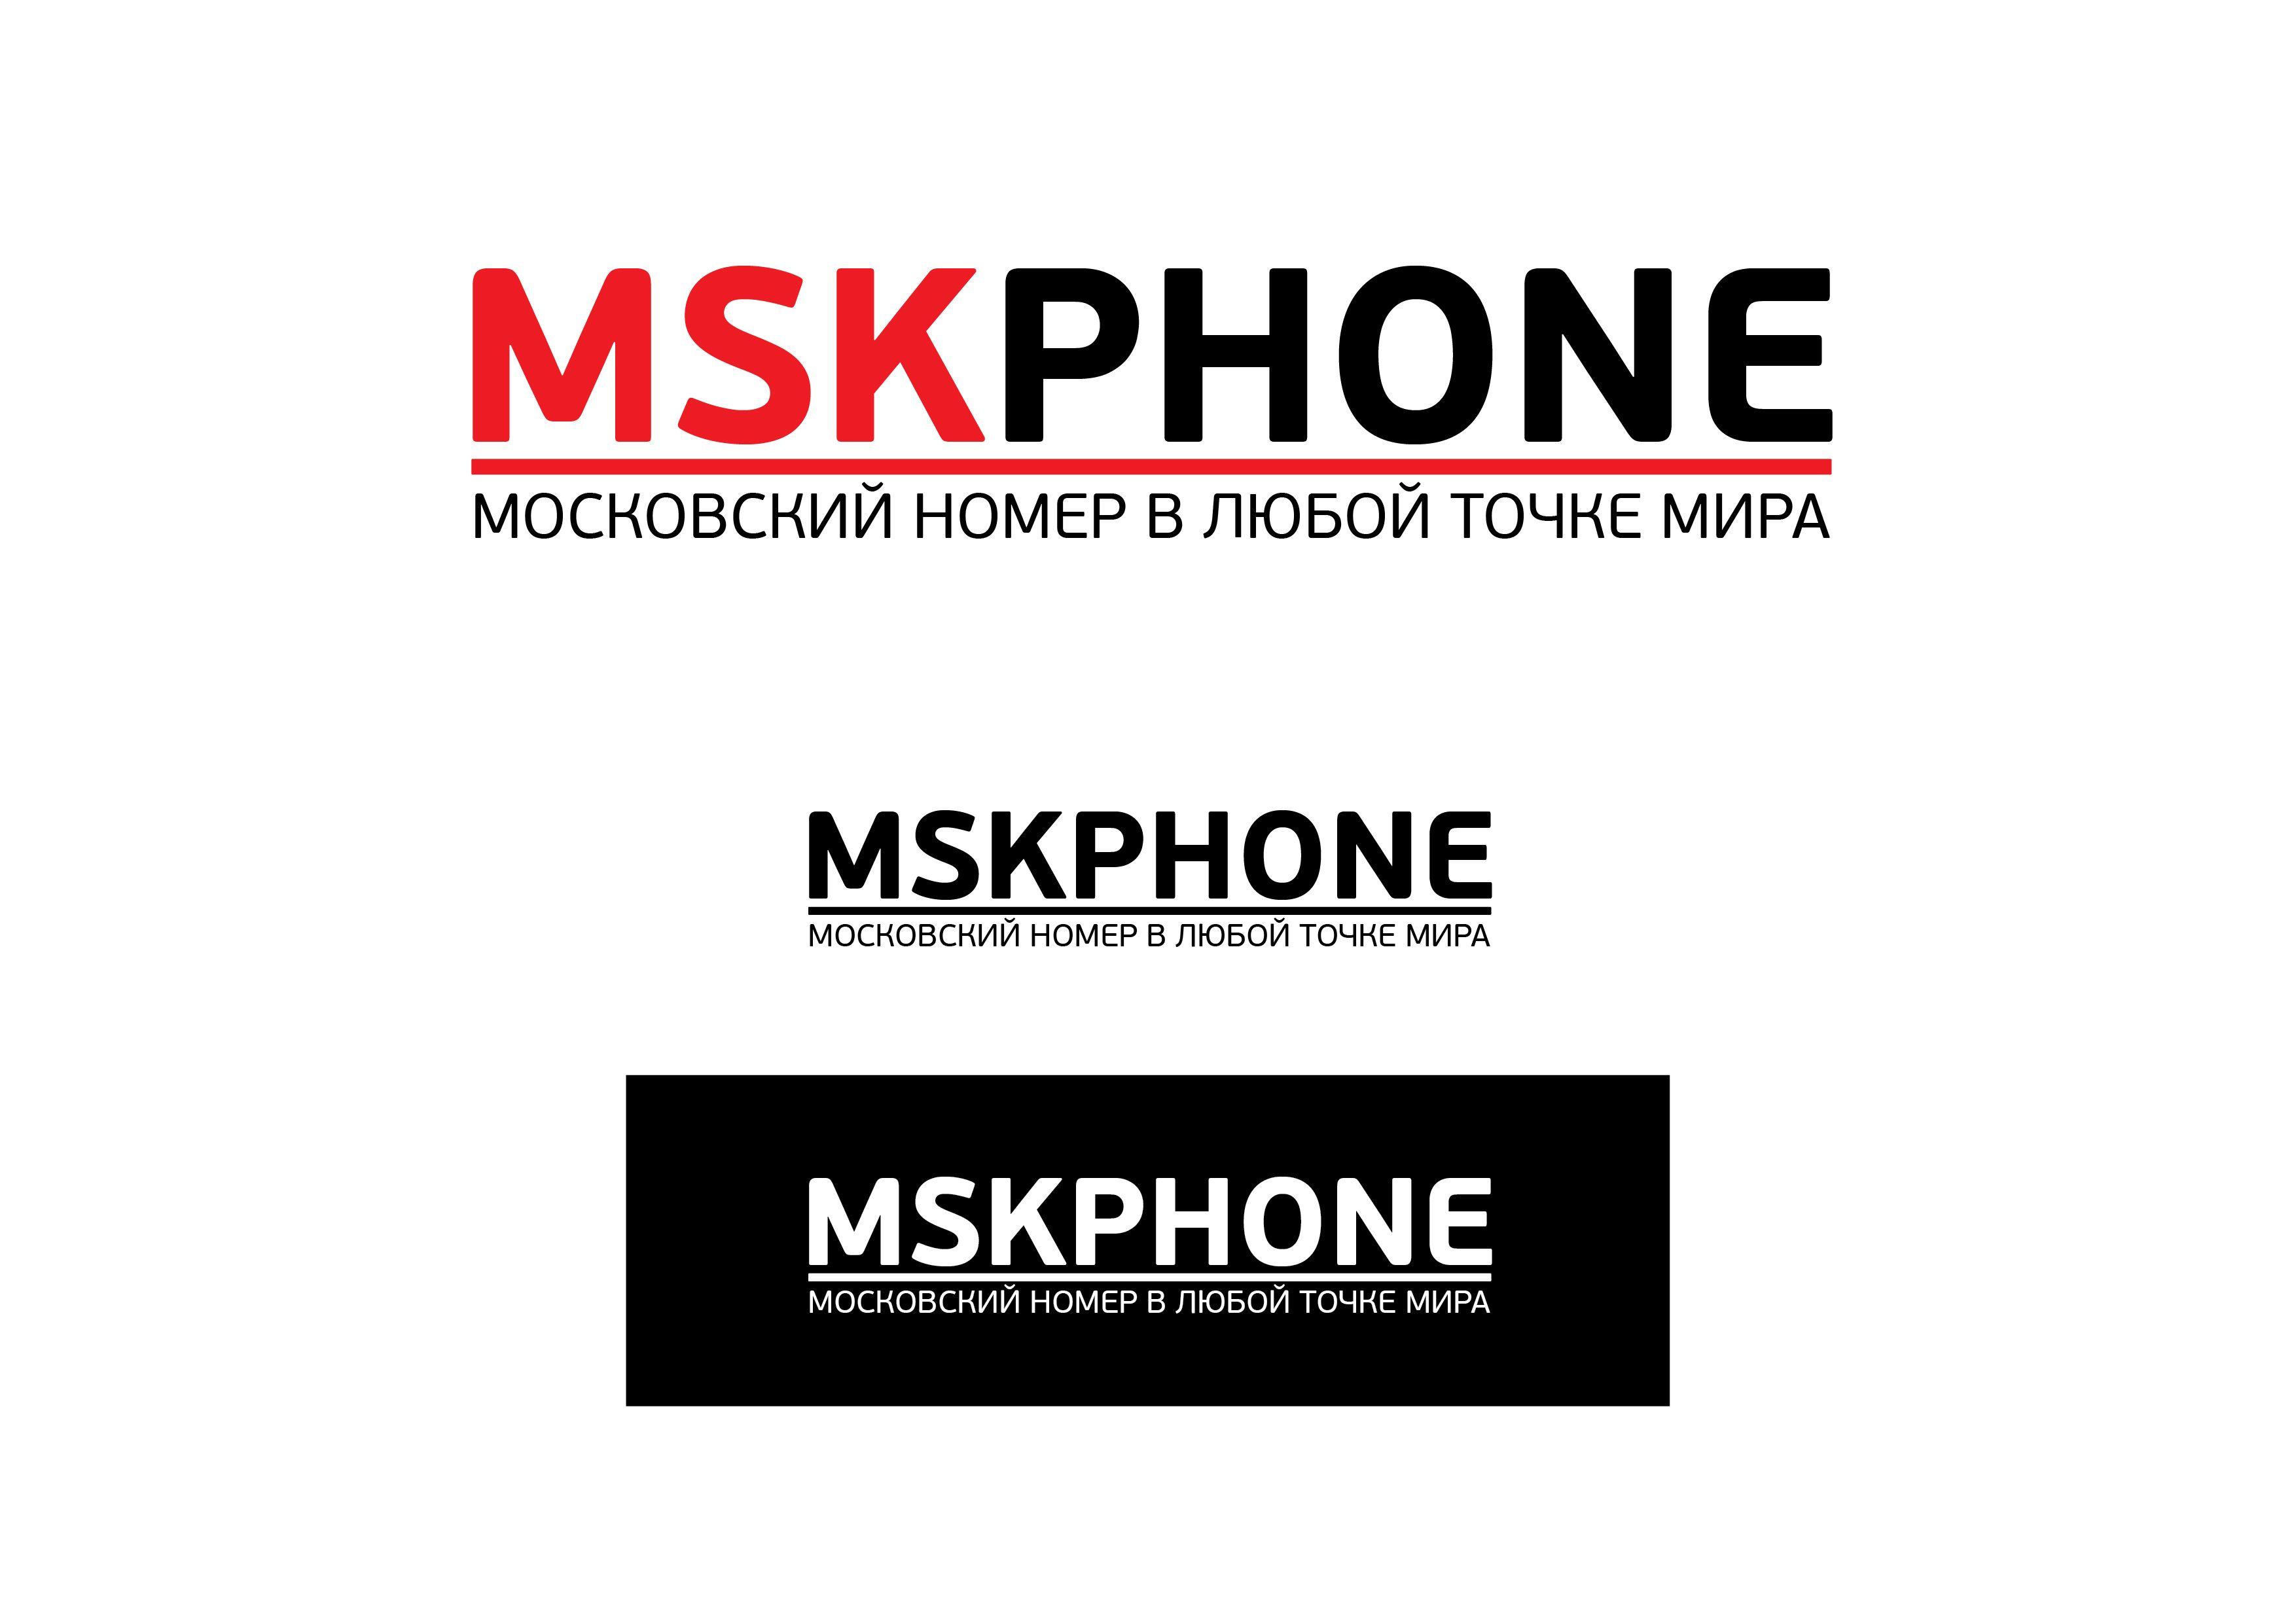 Логотип для MSKPHONE - дизайнер PUPIK